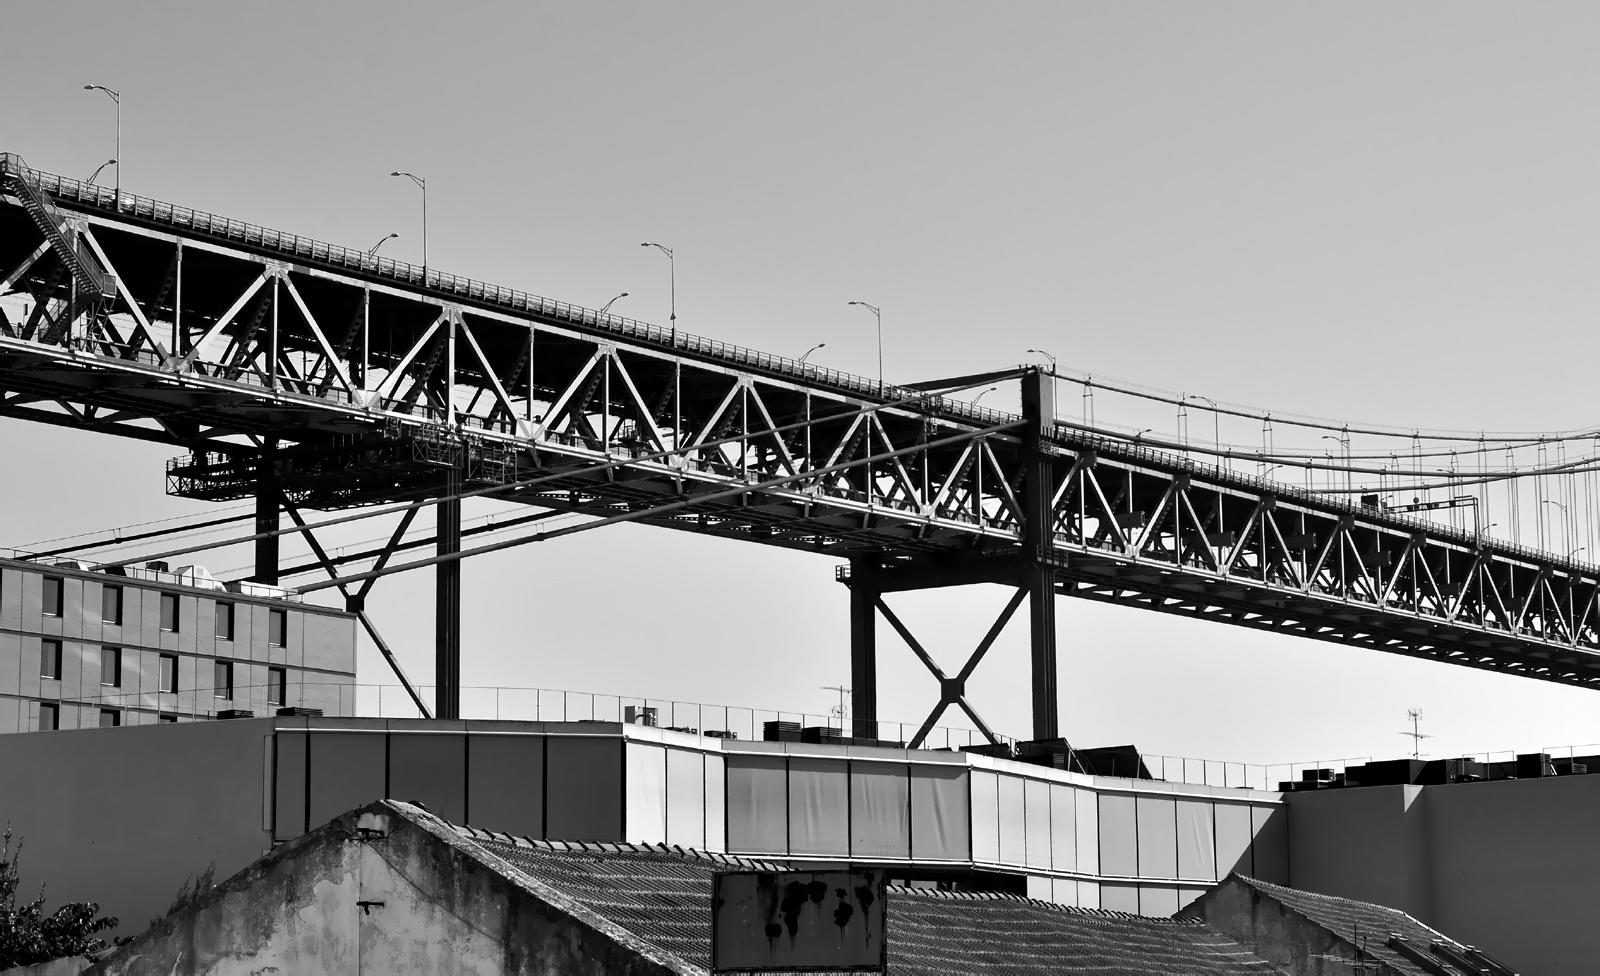 Brückentag  # 2